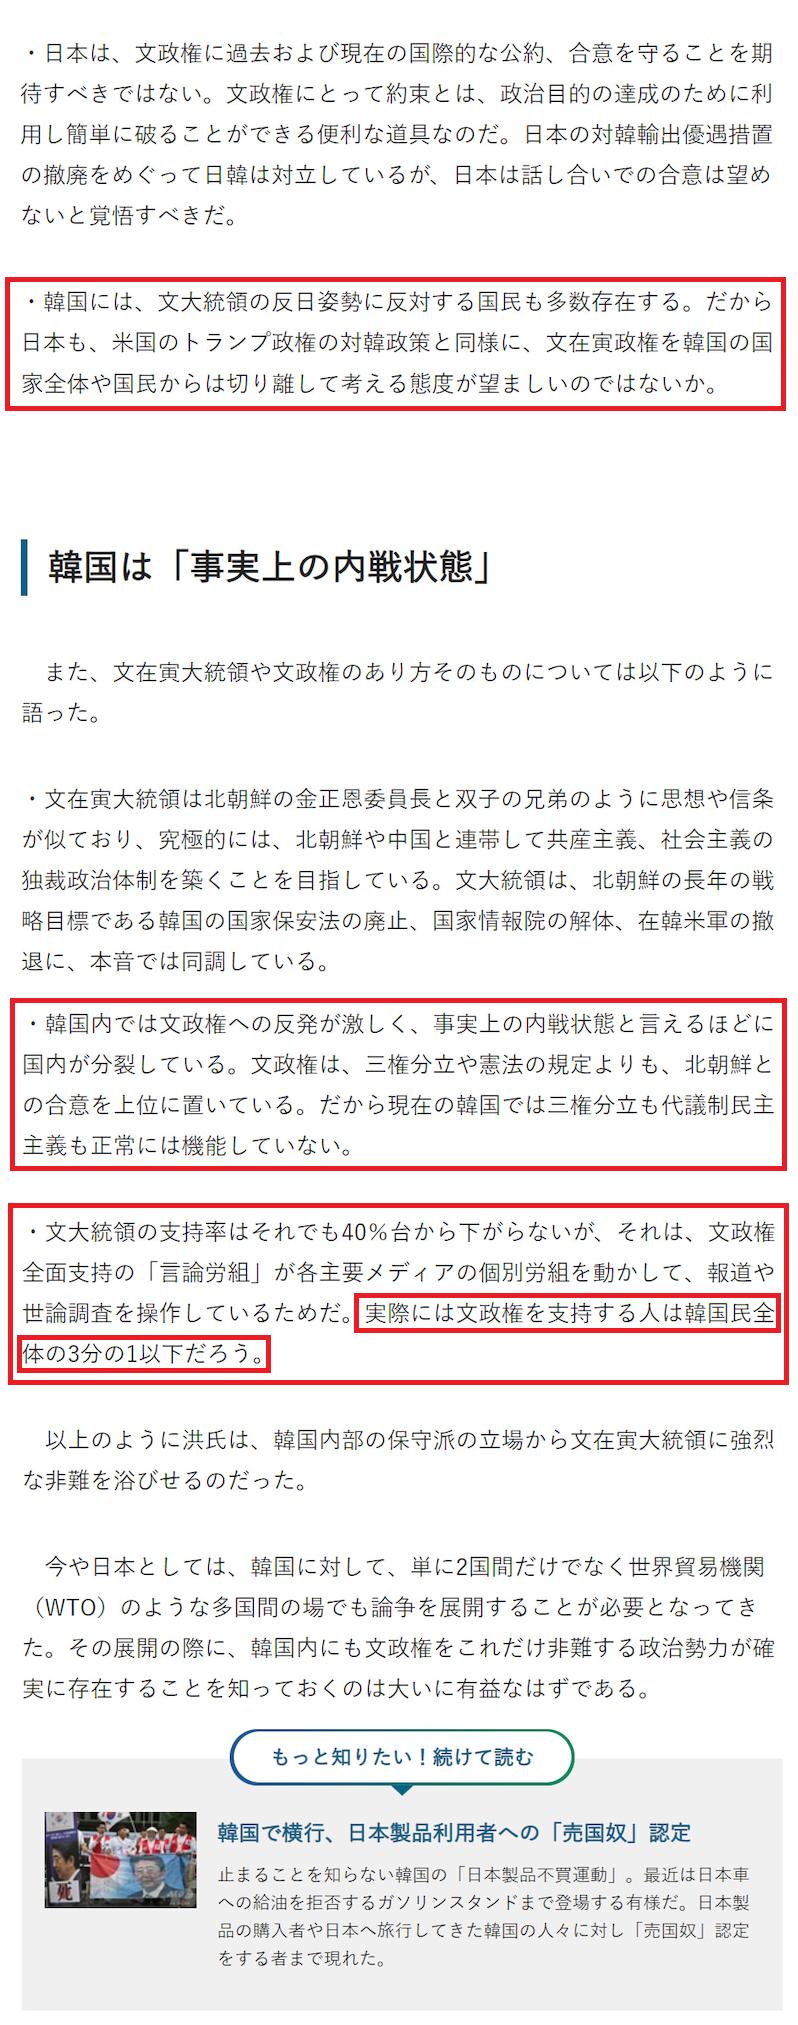 恨国元外交官「今の恨国は正常ではない」2